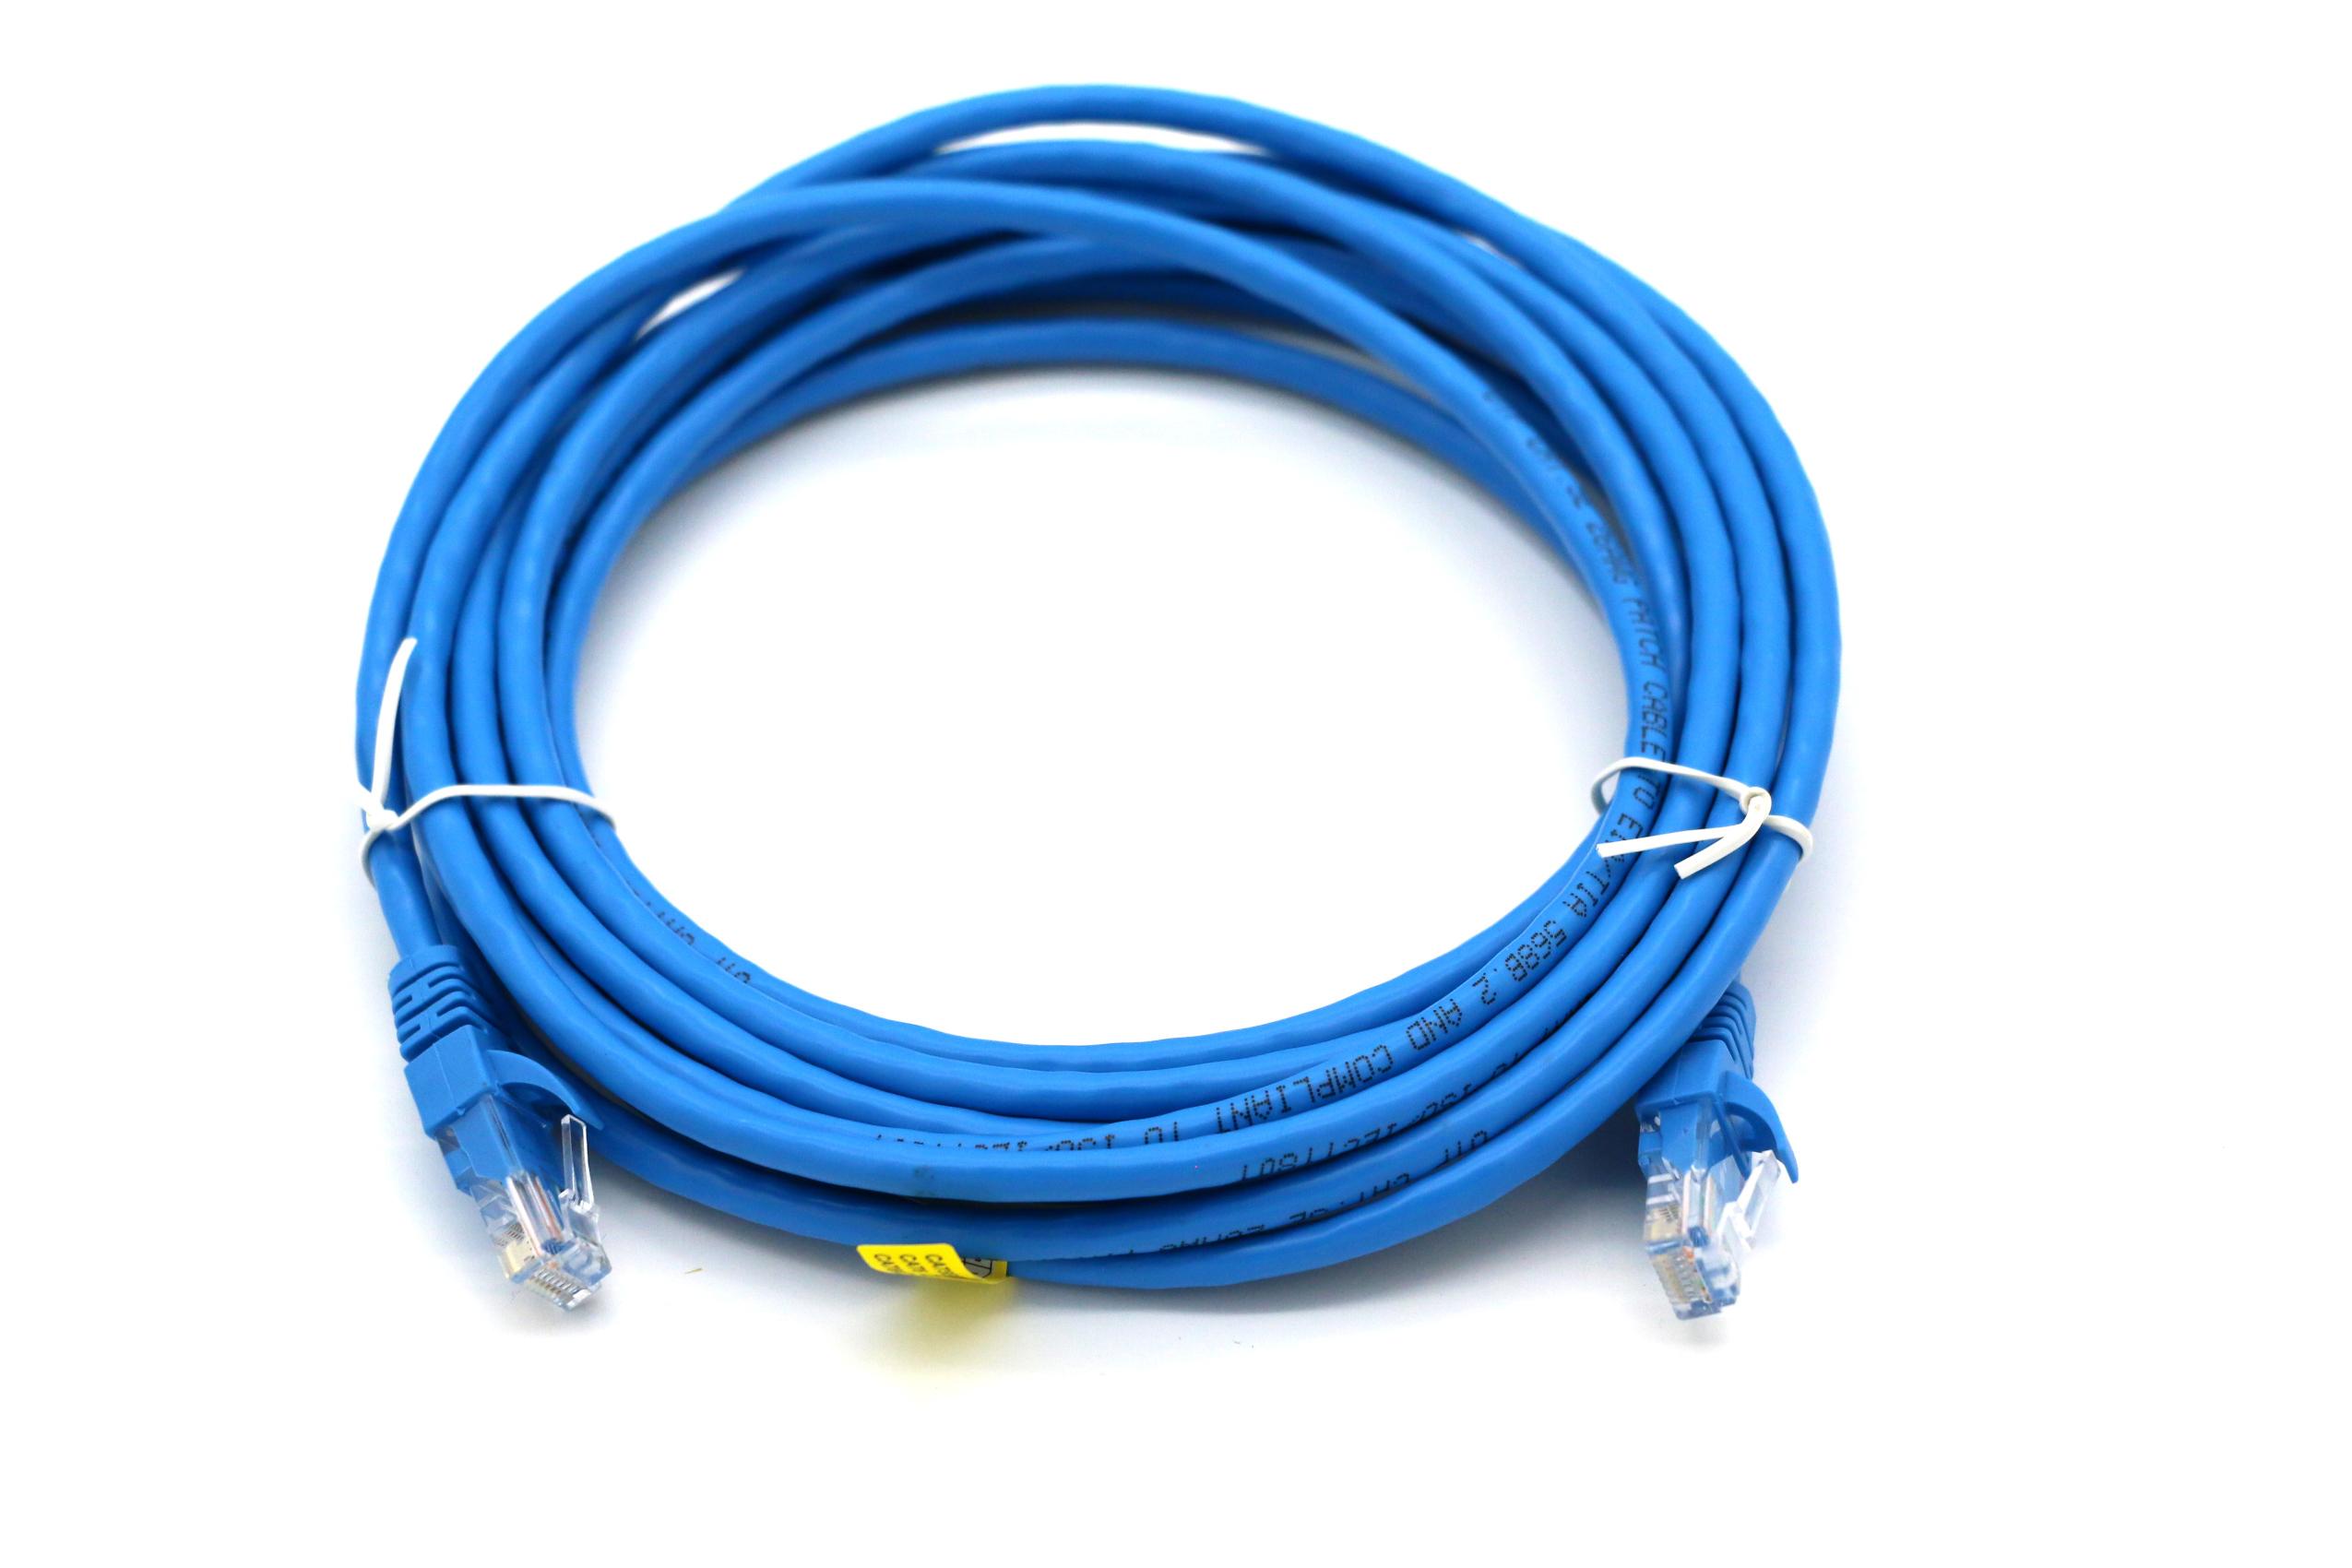 eLan Category 5e U/UTP patch cord blue RJ45, 5m